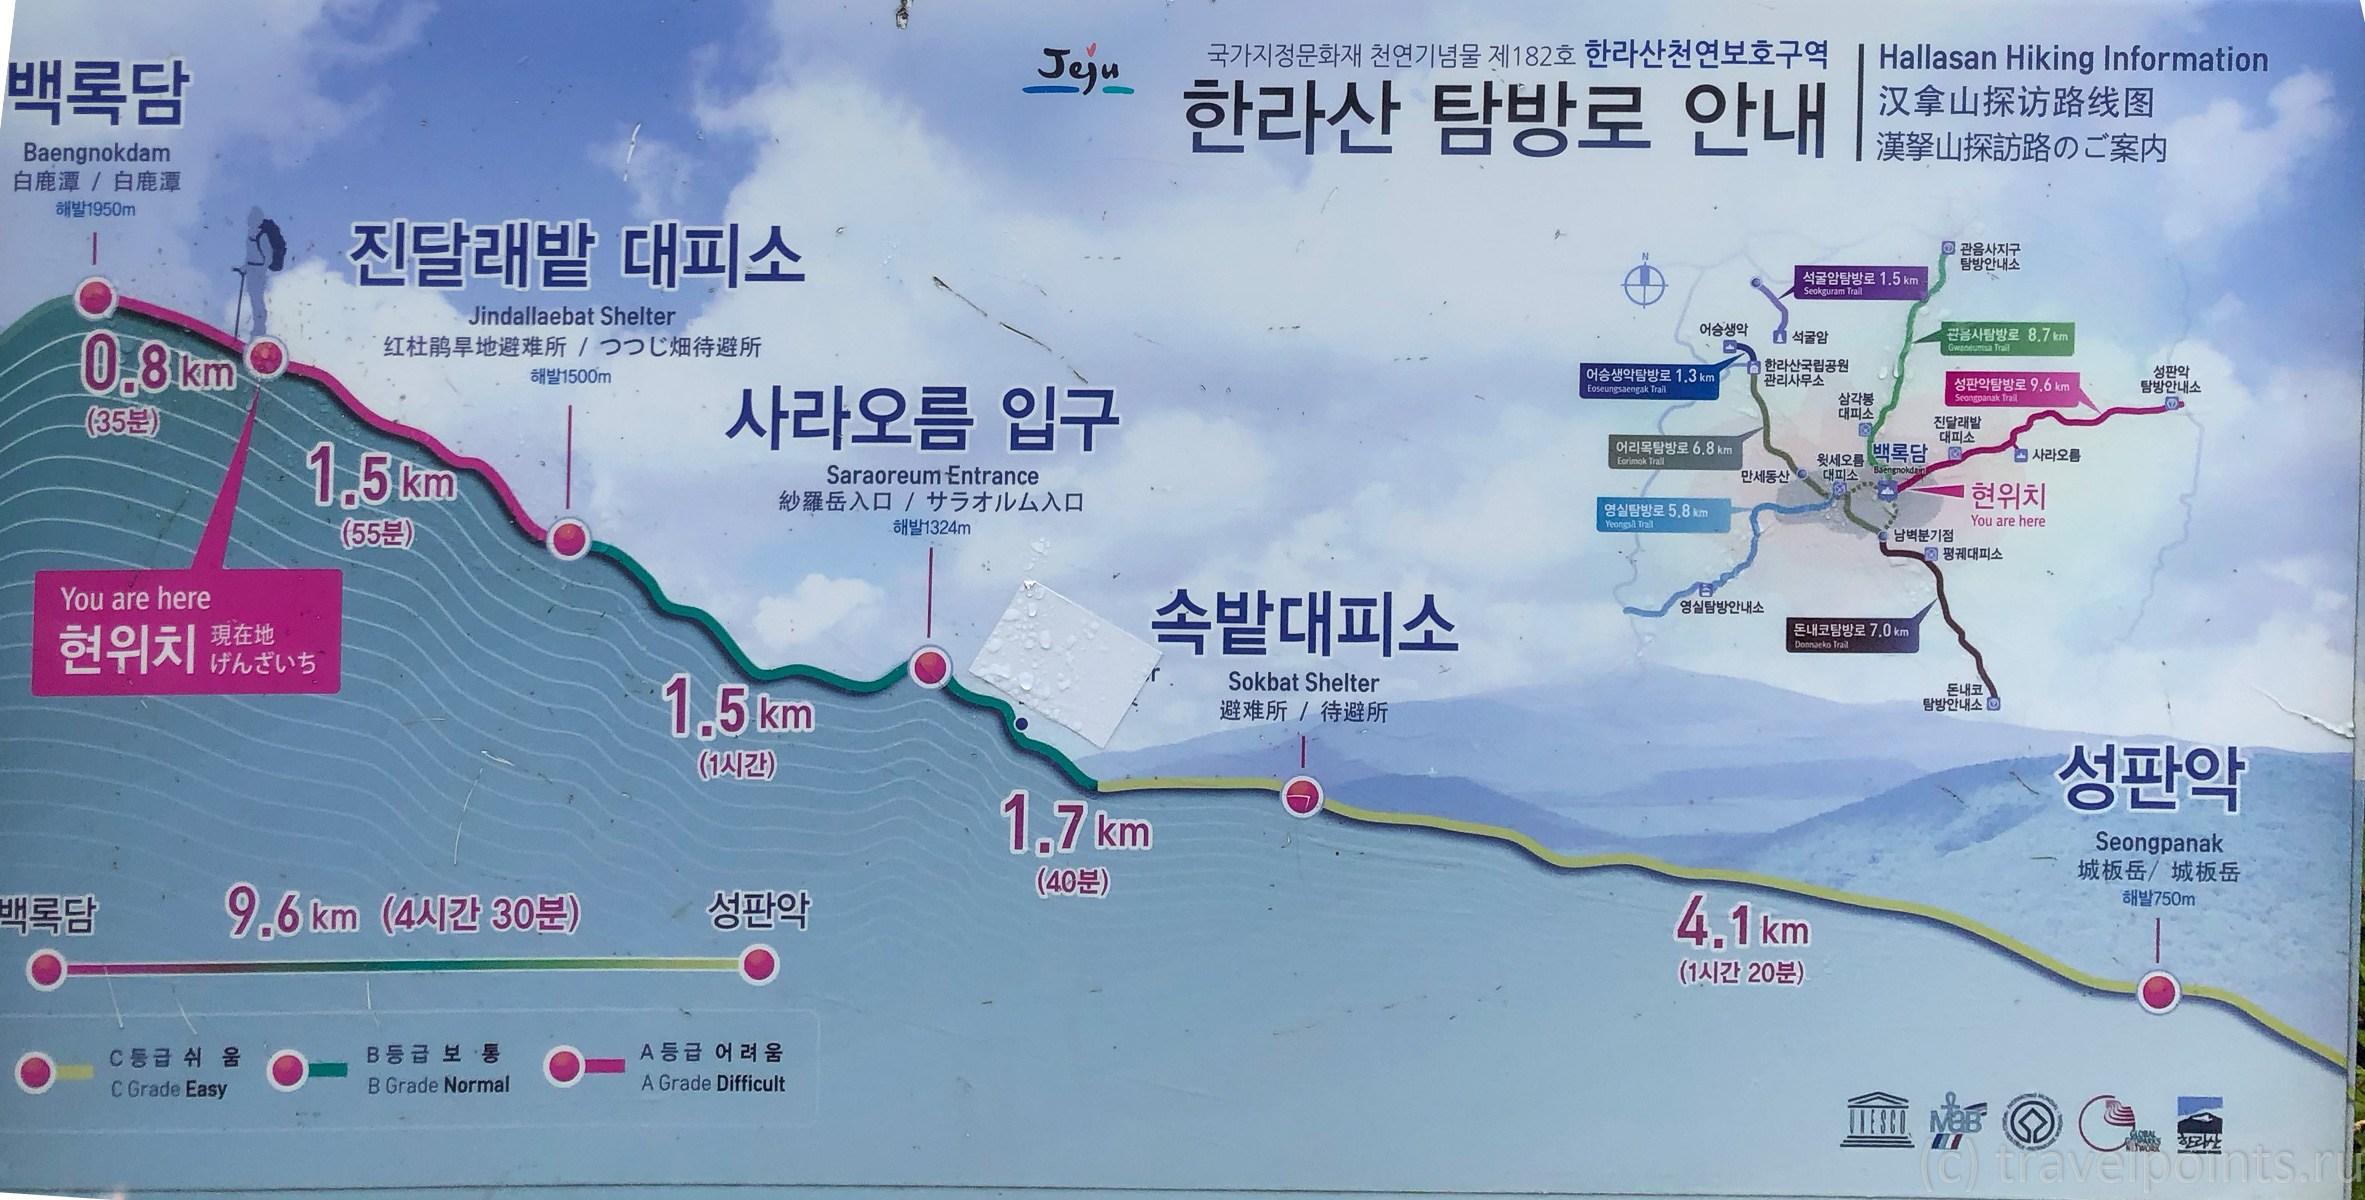 05-seongpanak-hiking-trial